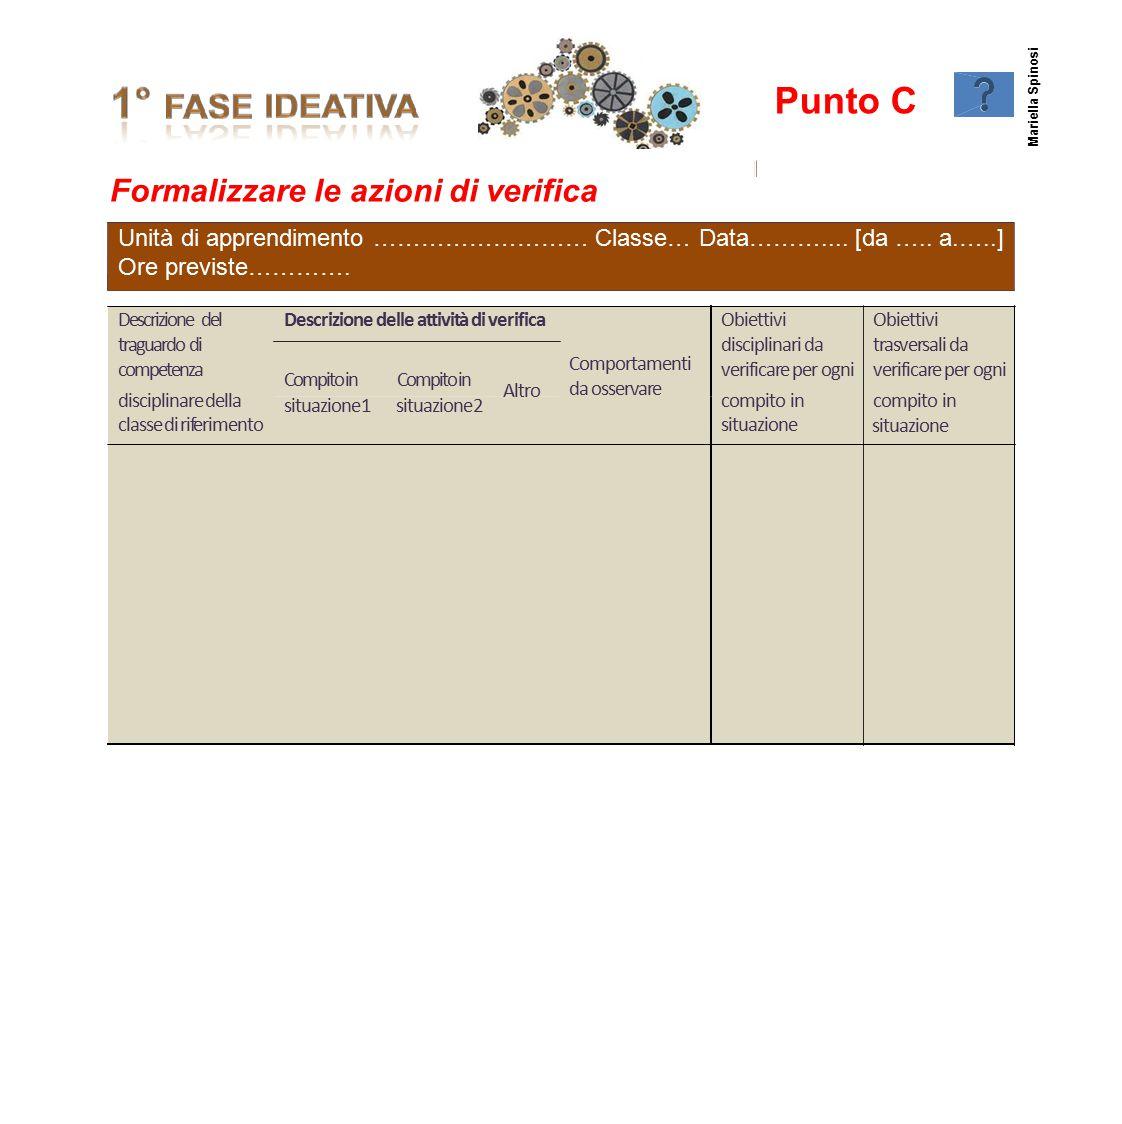 PuntoC Formalizzare le azioni di verifica situazione Mariella Spinosi Descrizione del traguardo di competenza Descrizione delle attività di verifica C